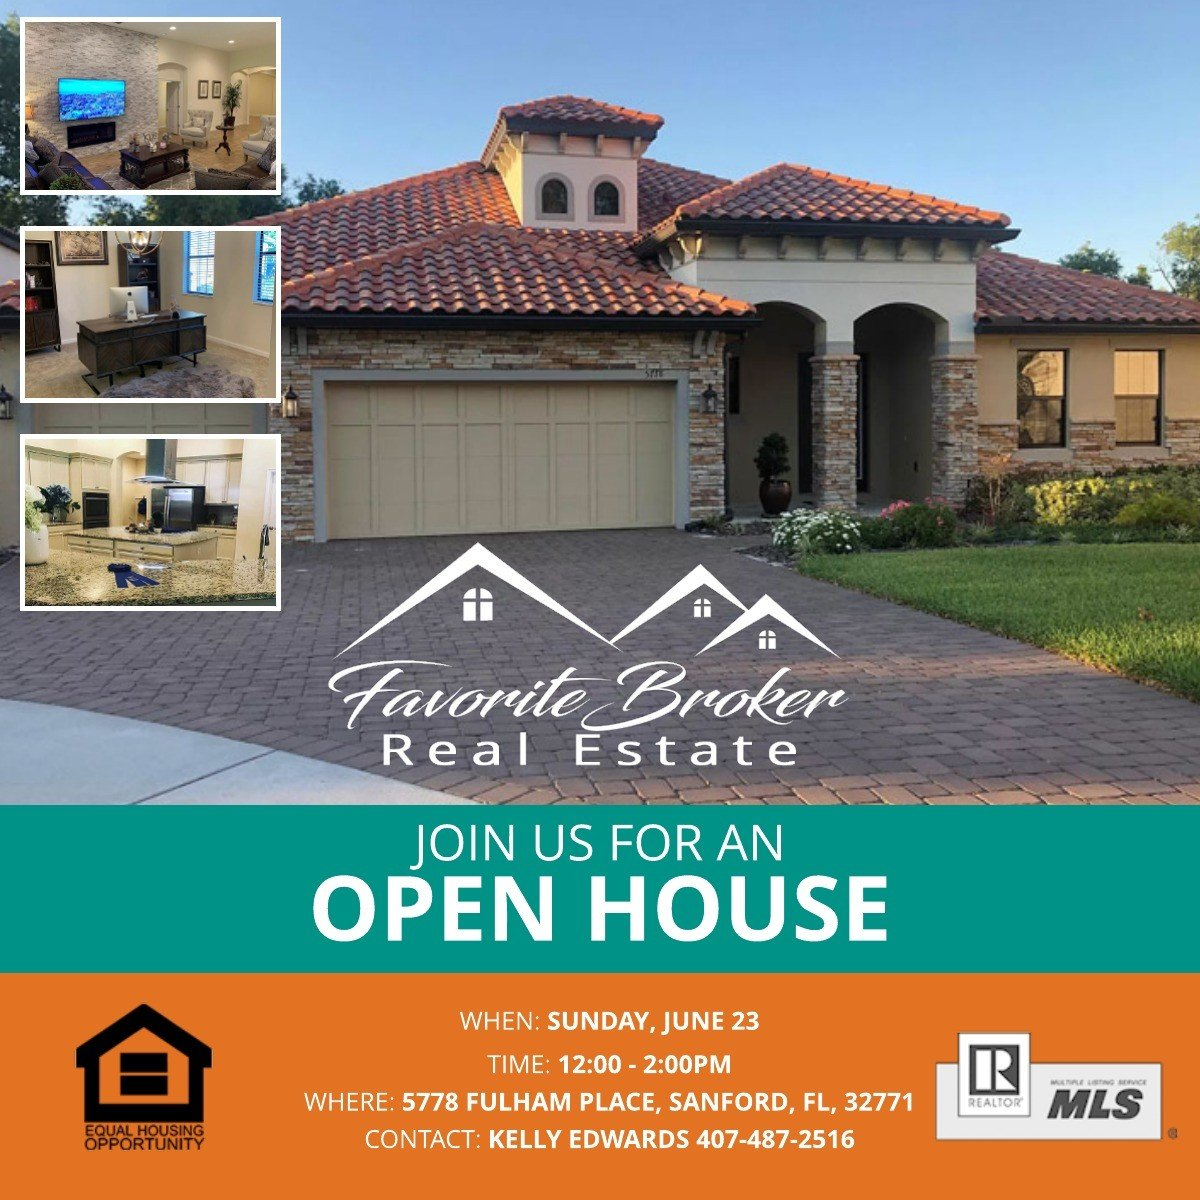 Open House Sanford FL Sunday June 23, 2019